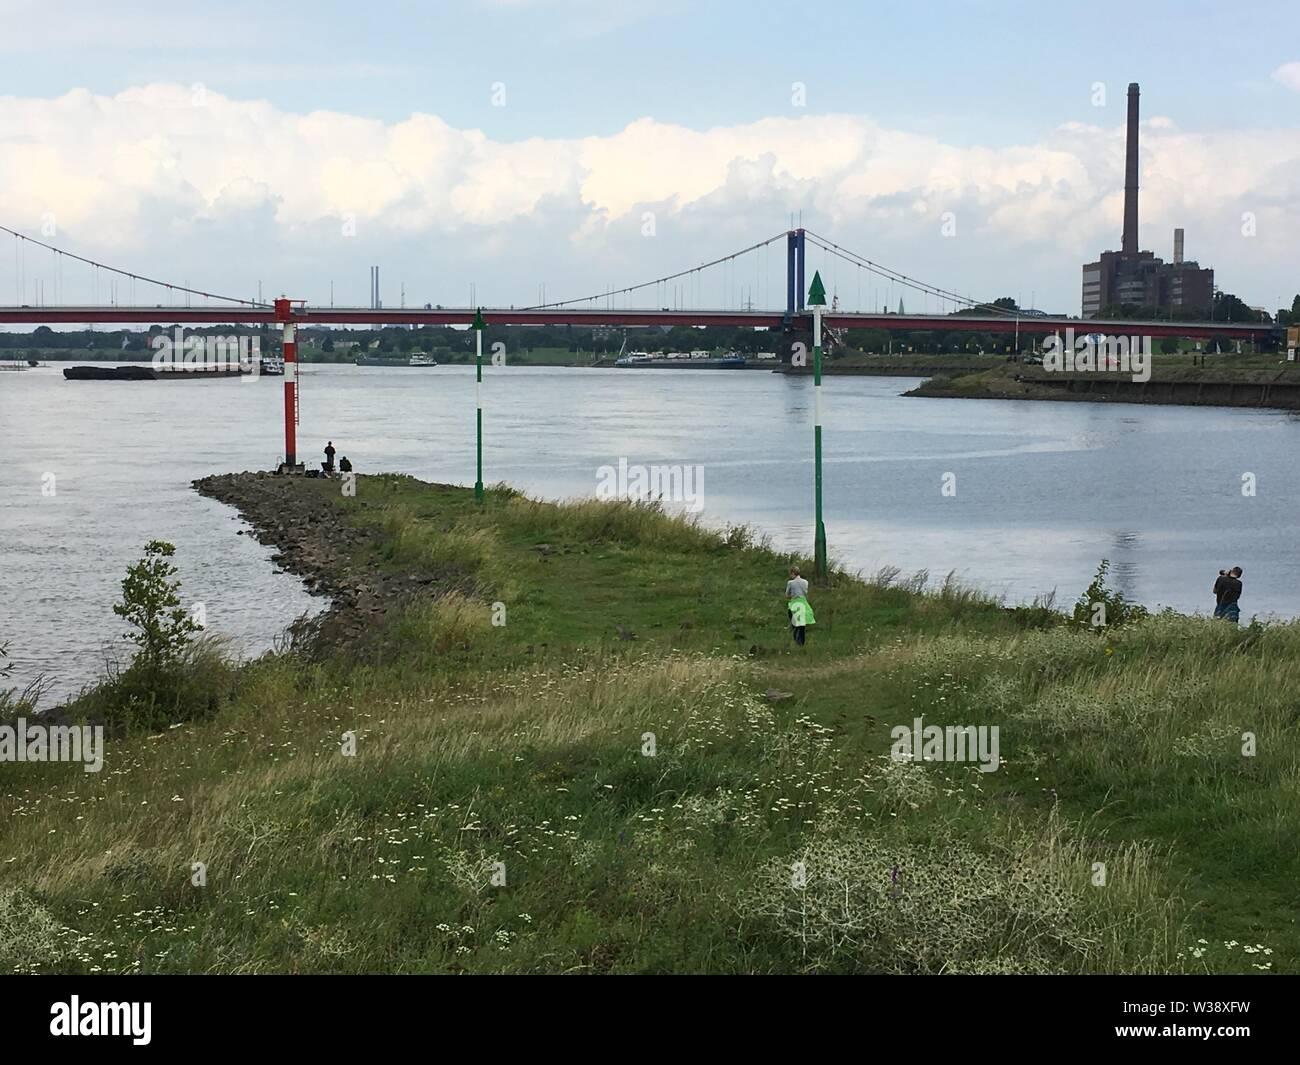 Das Ende des Ruhrtalradweges in Duisburg, wo die Ruhr in den Rhein fließt - Stock Image